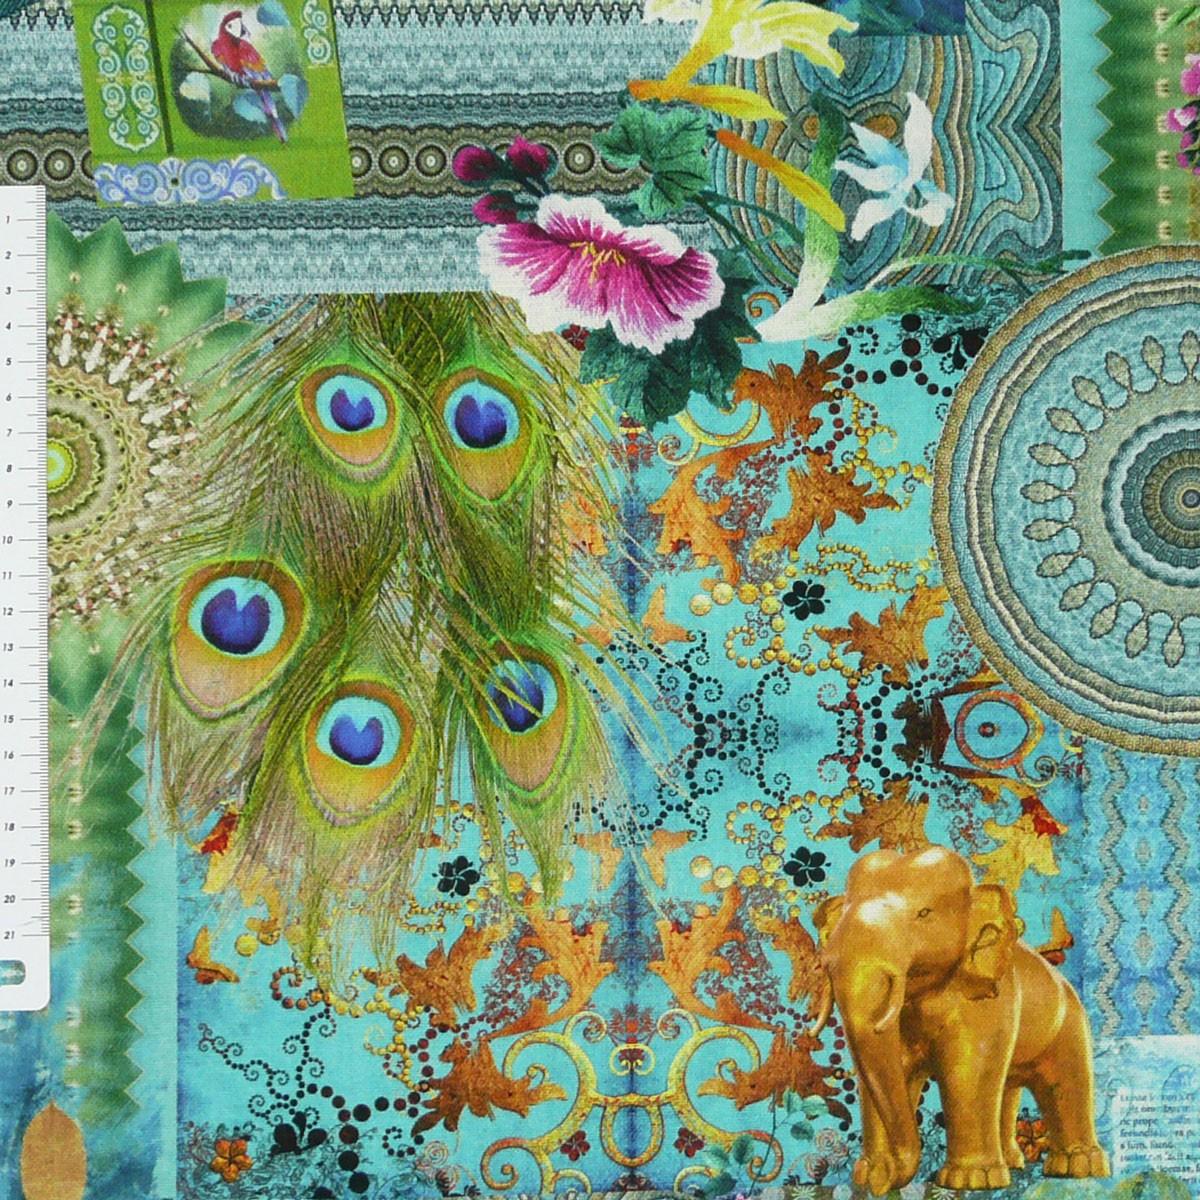 baumwollstoff fantasie orientalisch t rkis stoff dekostoff digitaldruck stoffe stoffe gemustert. Black Bedroom Furniture Sets. Home Design Ideas